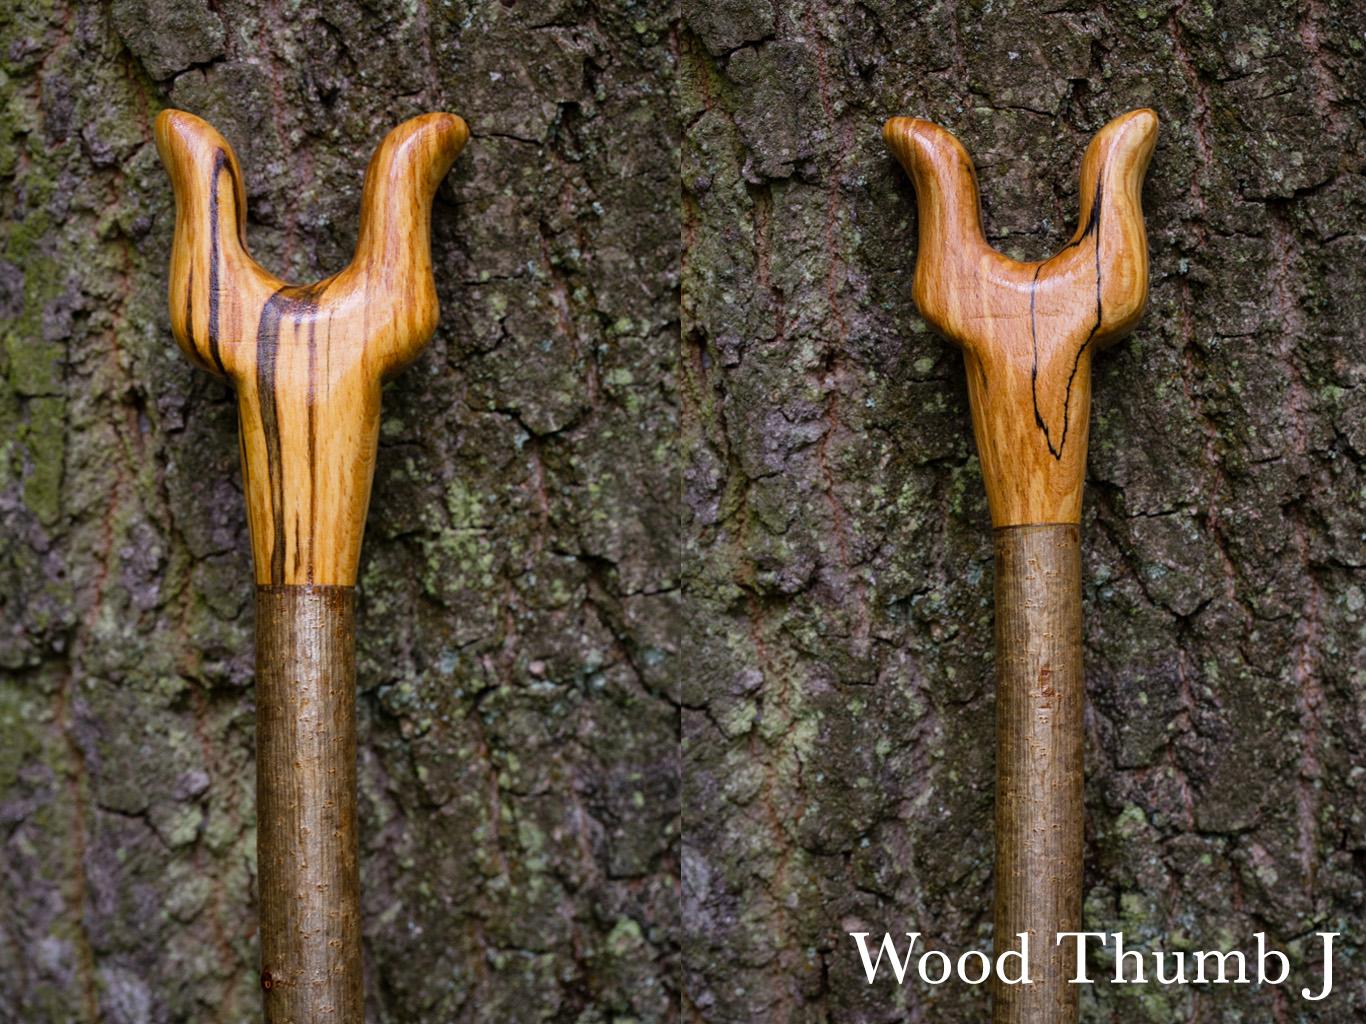 J Wood Thumb